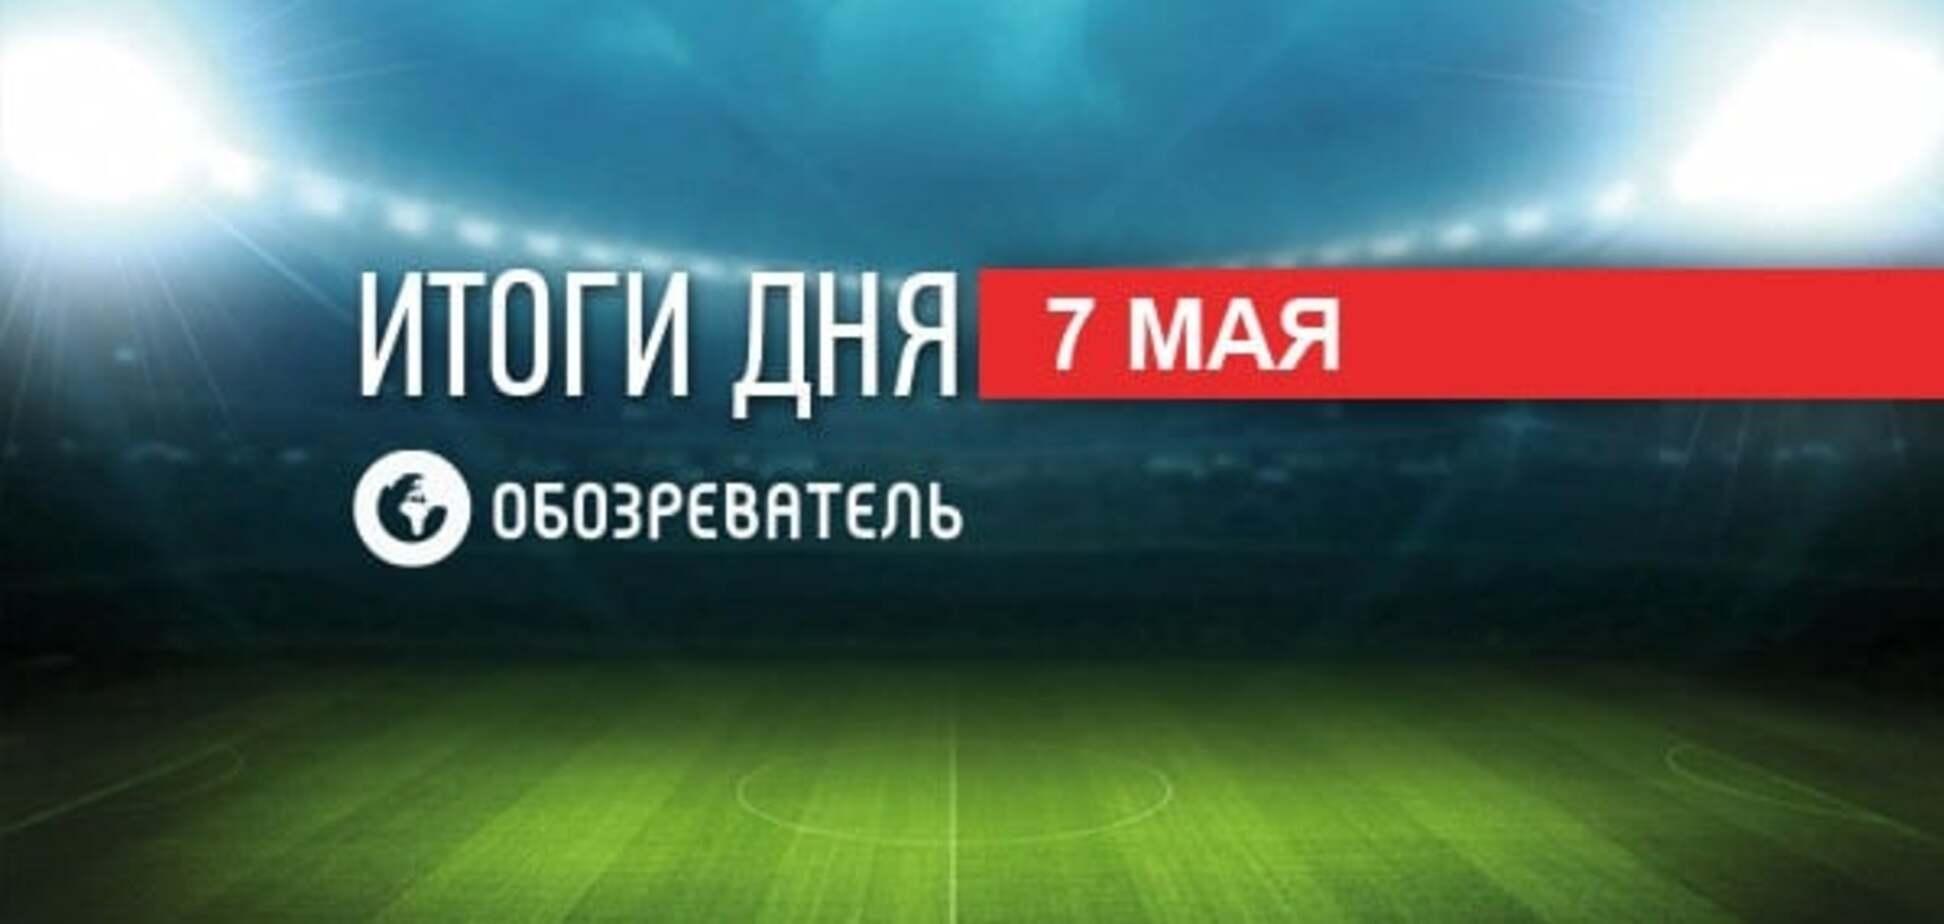 Умер тренер 'Динамо' Киев. Спортивные итоги 7 мая